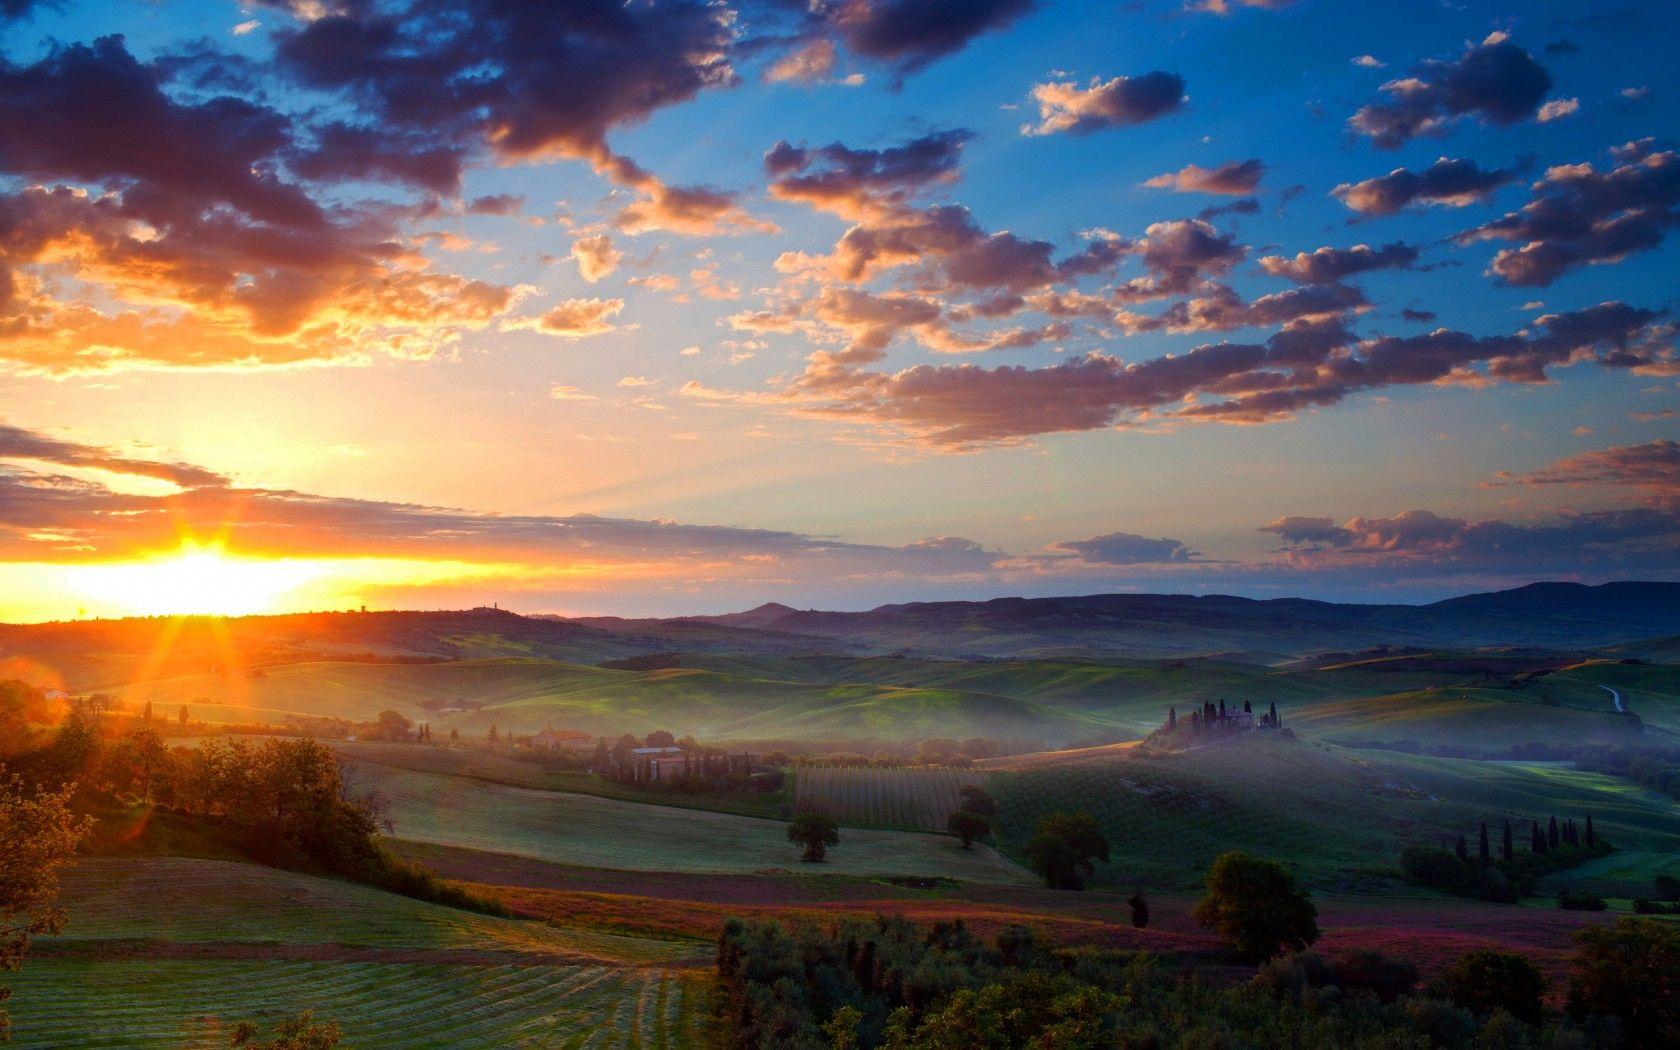 最美自然风景壁纸_2k超高清壁纸1440x2560